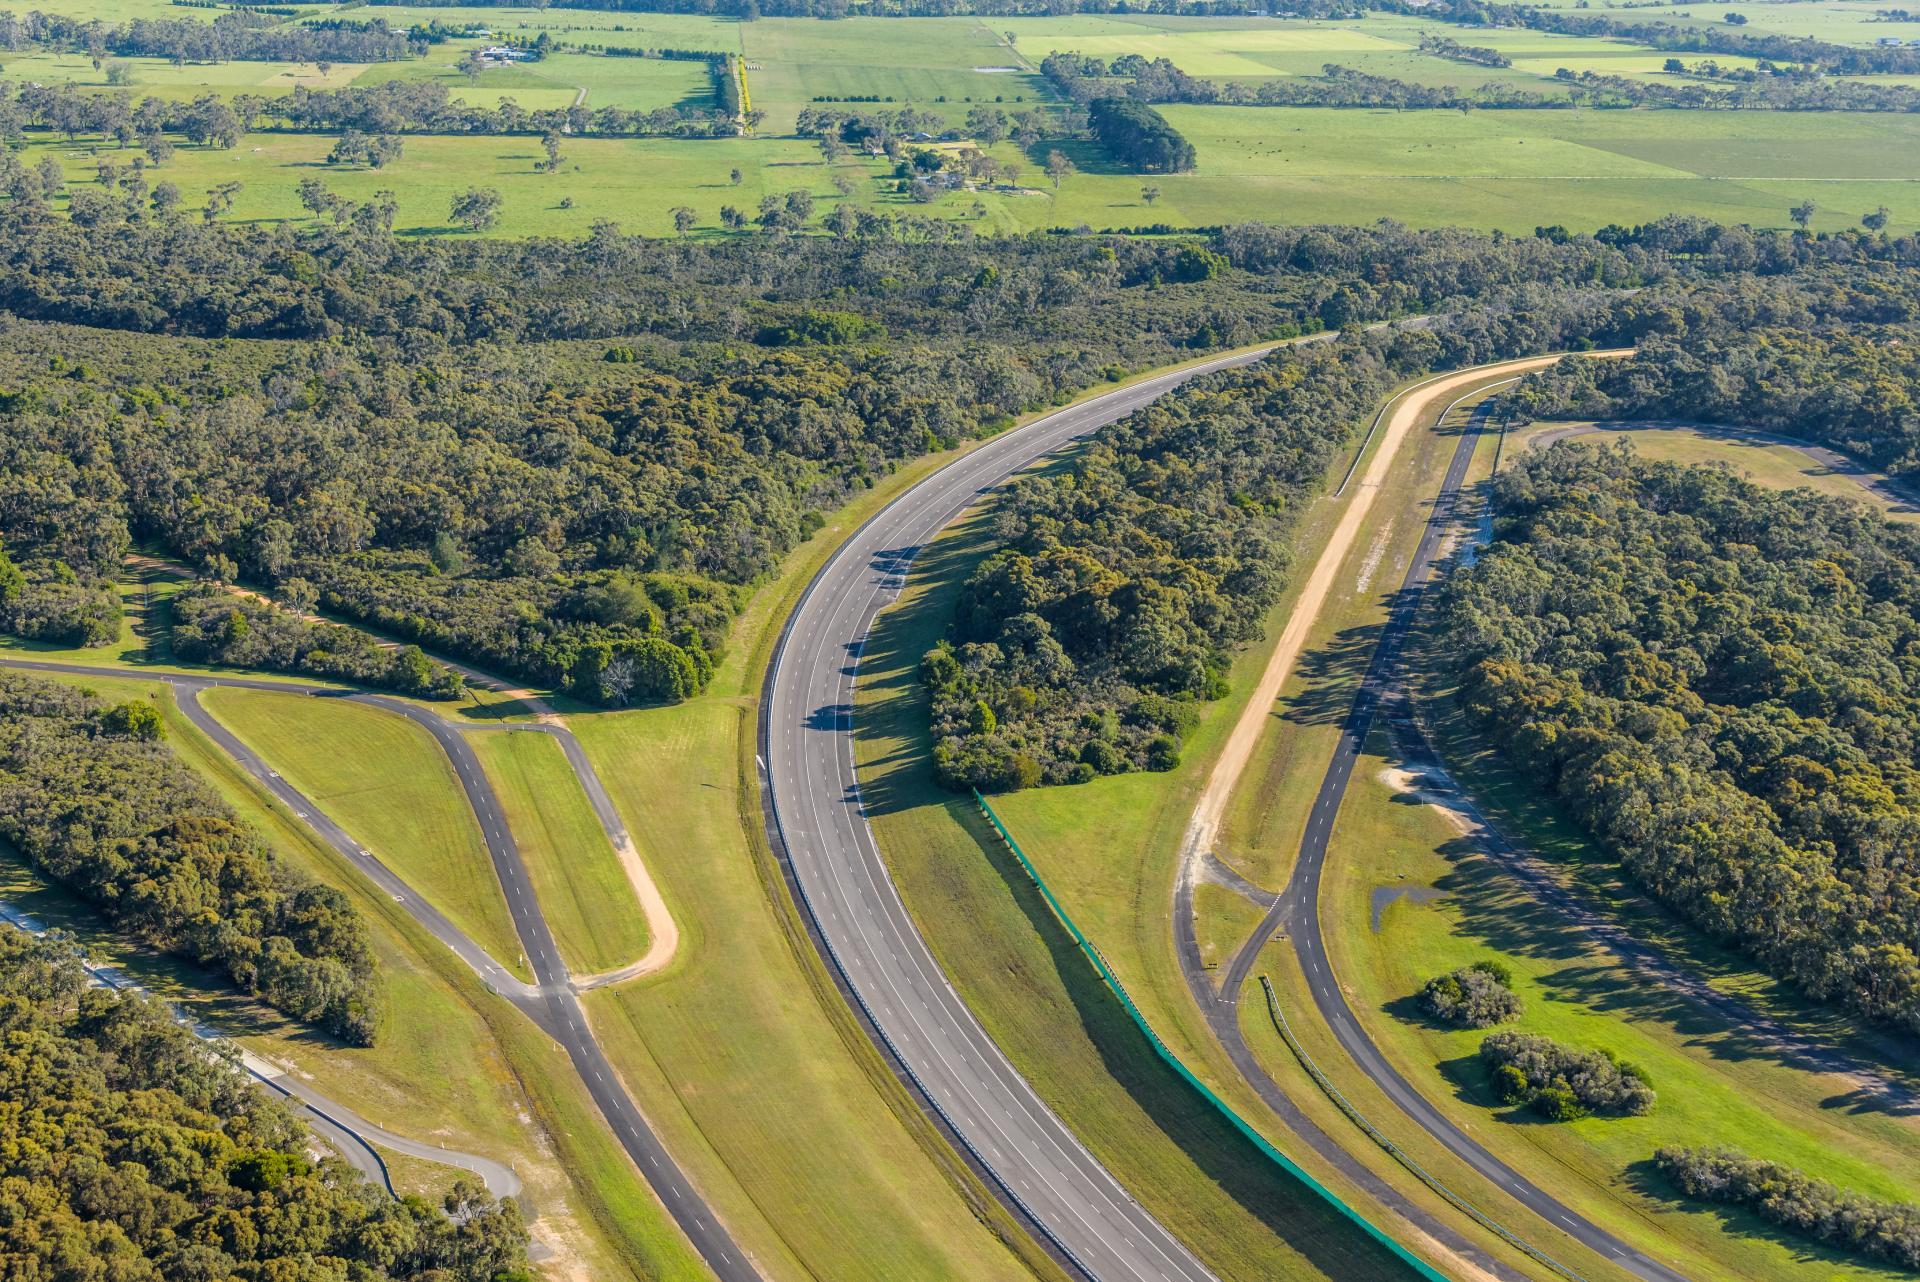 VinFast chính thức mua lại Trung tâm thử nghiệm xe rộng 872ha tại Australia - Ảnh 1.